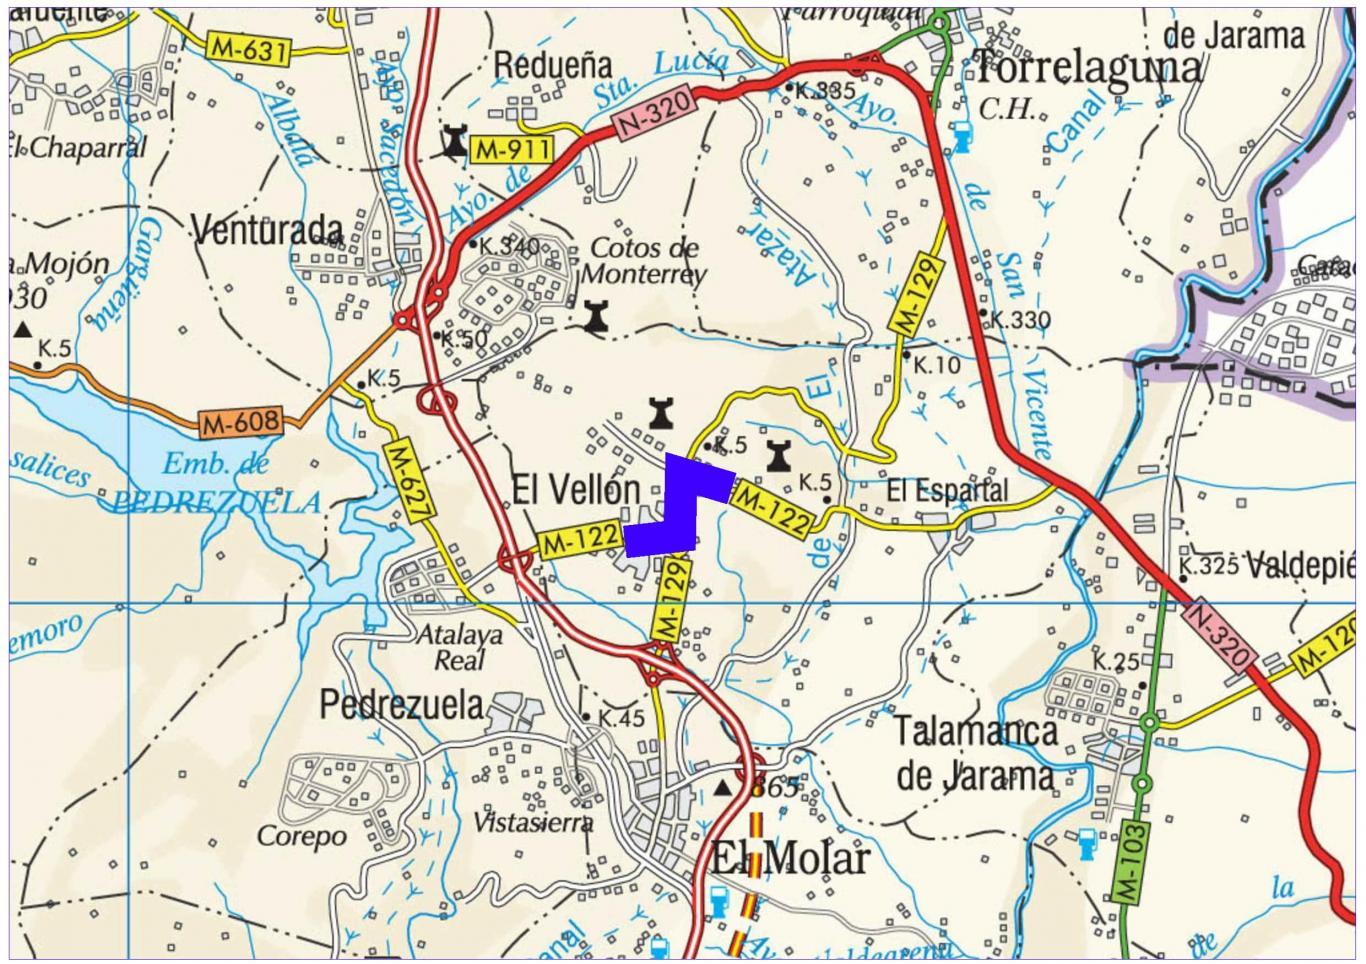 Plano de situación de la obra M-122 pk 1,400-3,500